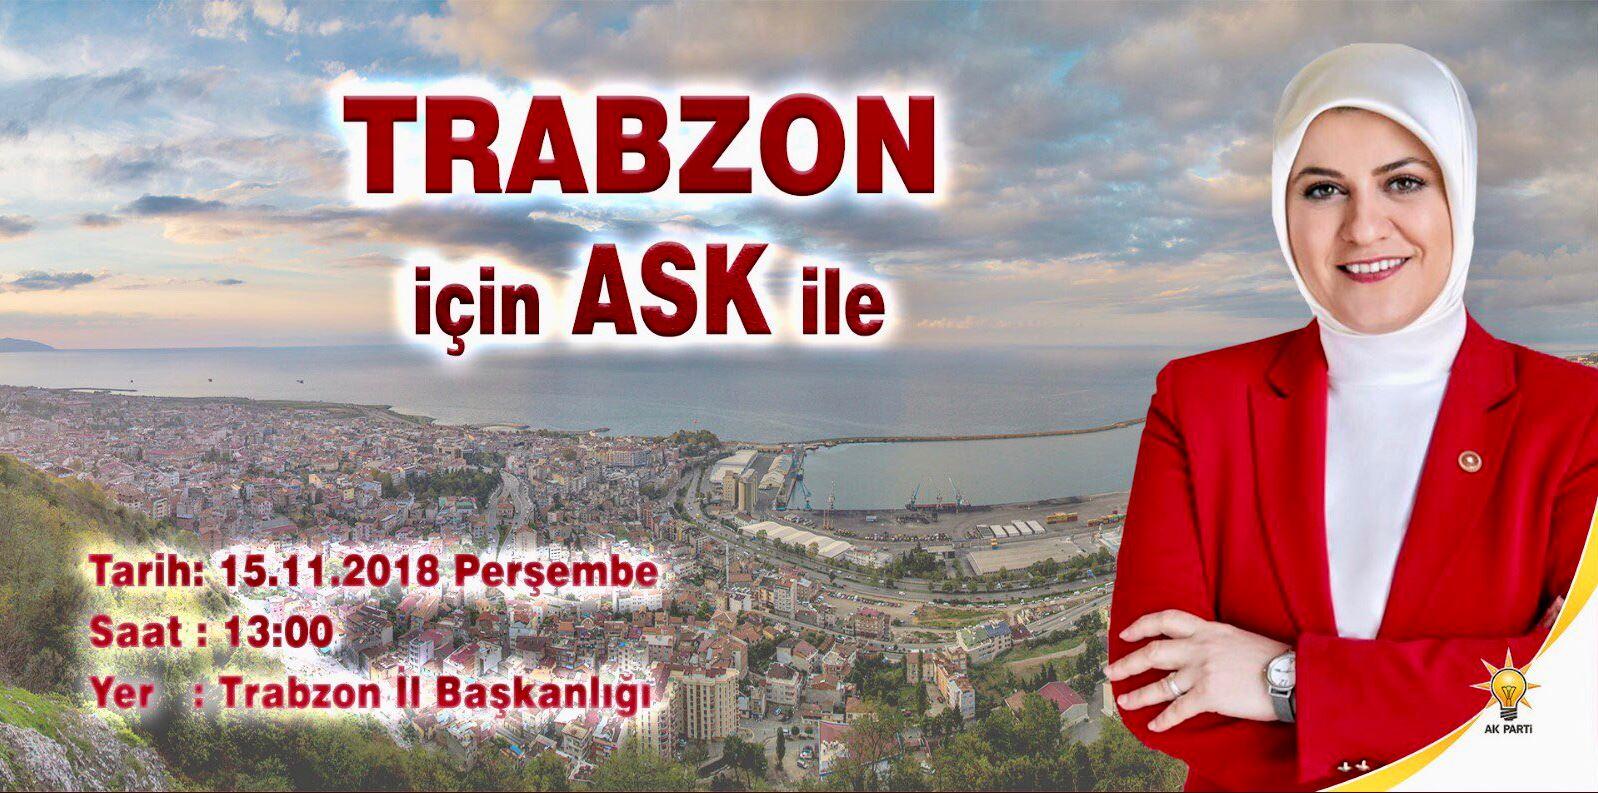 Ayşe Sula Köseoğlu Büyükşehir'e aday adayı!